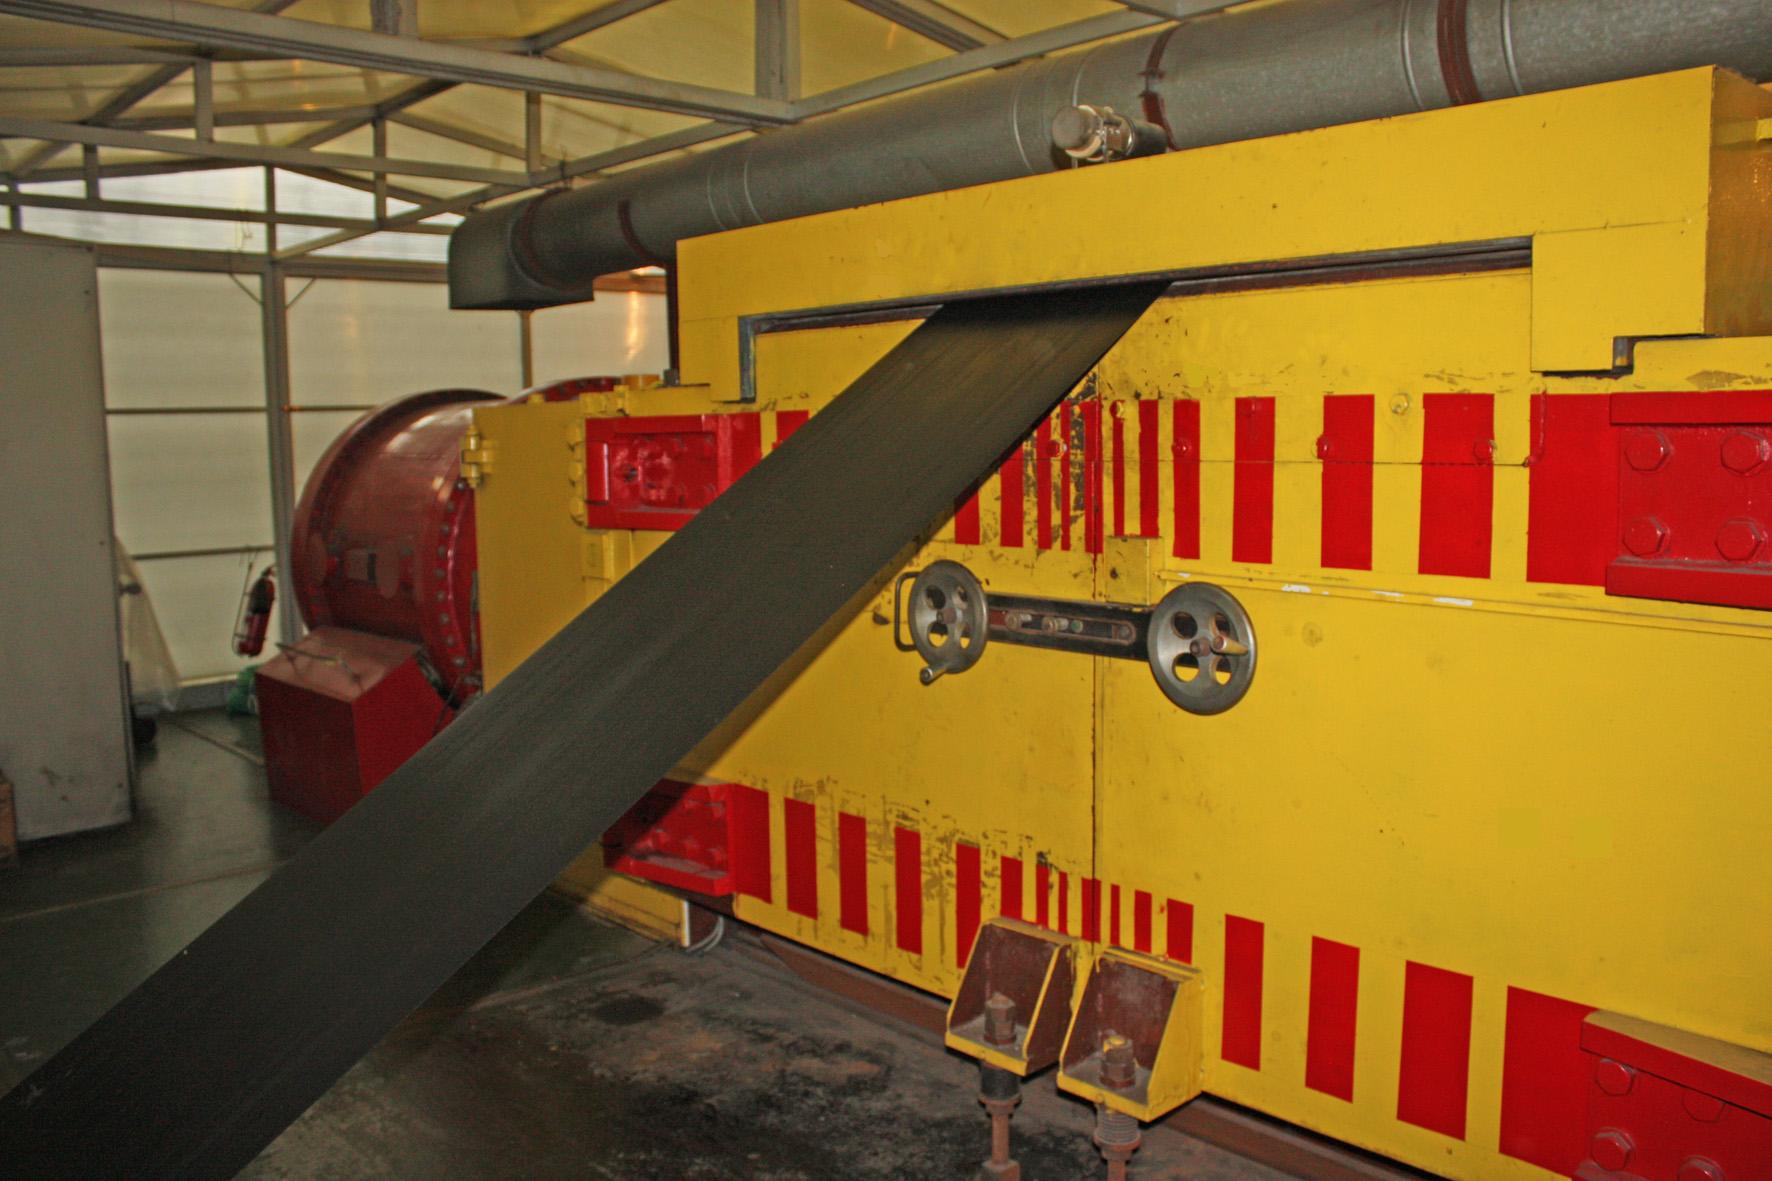 Установка для производства покрытий трубопроводов на предприятии «ИПМ», г. Санкт-Петербург, с ускорителем «Электрон-10»